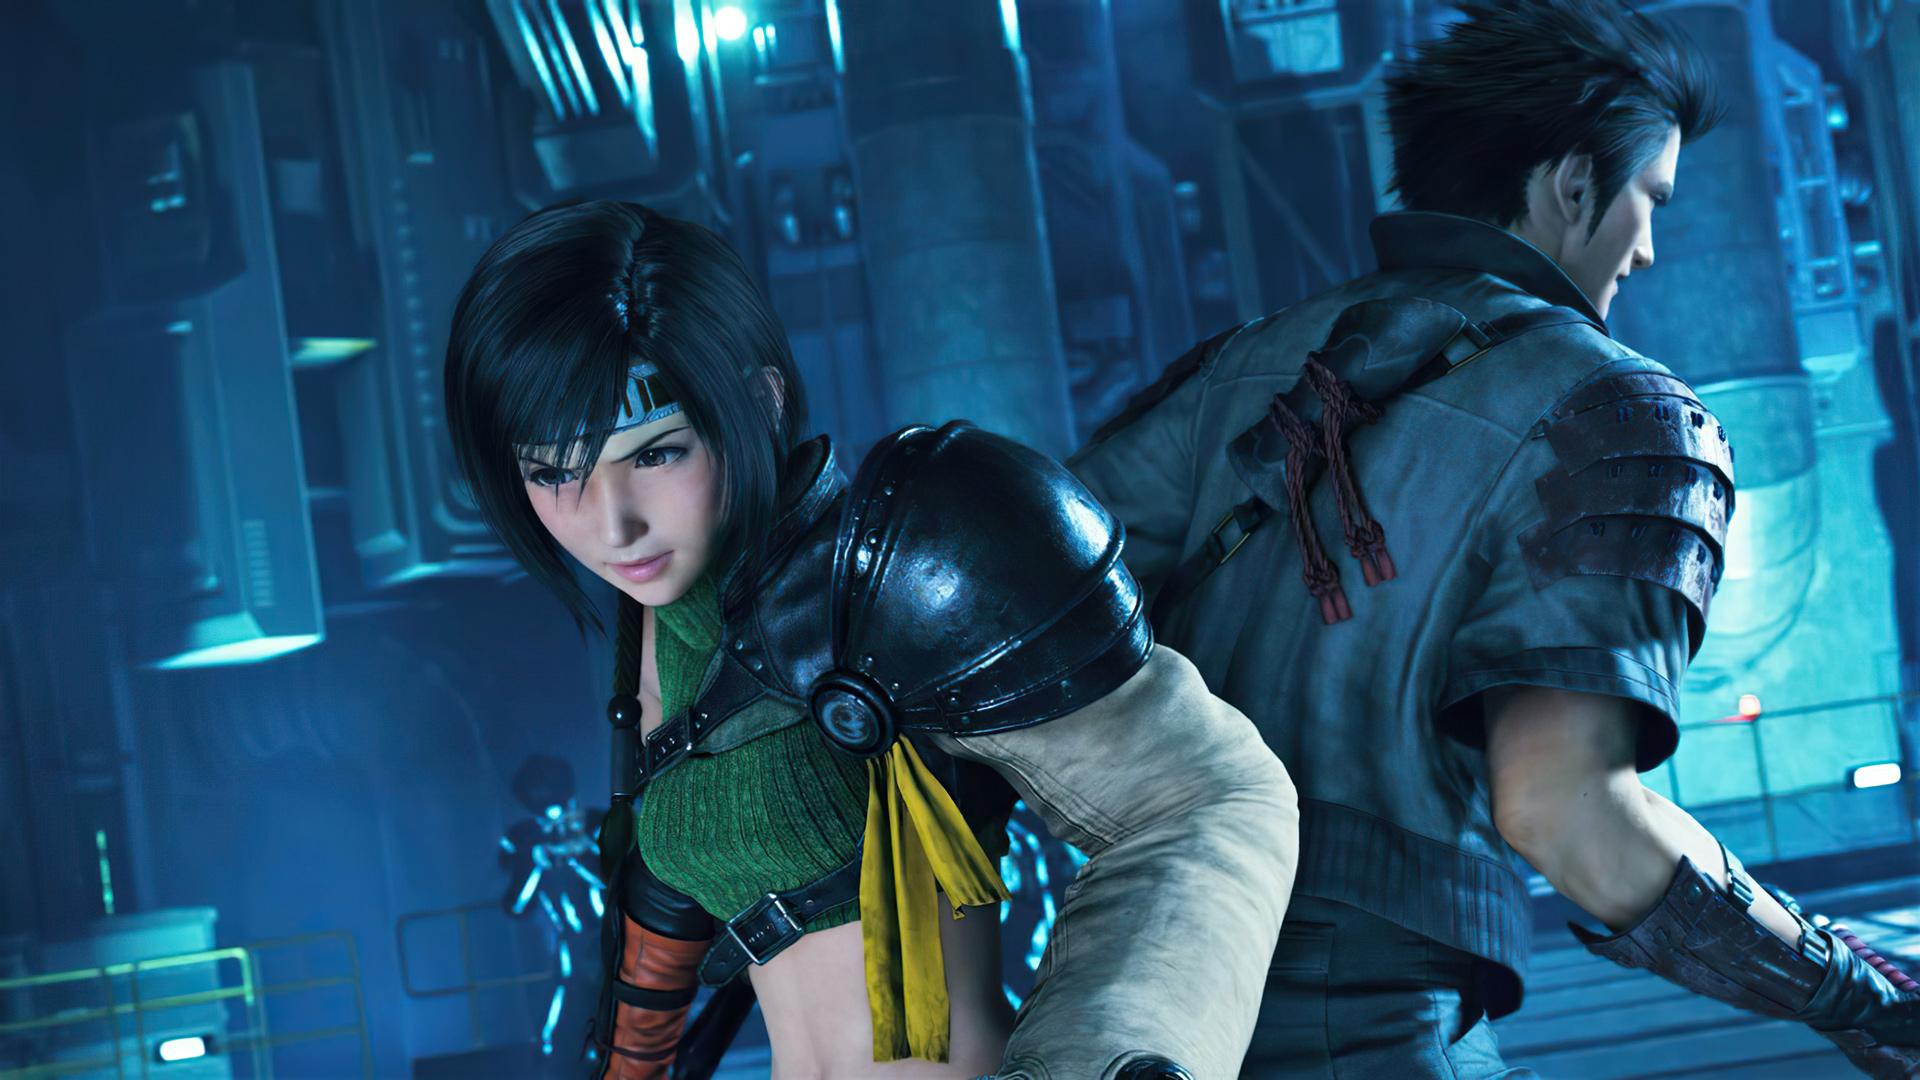 Final Fantasy VII Remake Intergrade hero image featuring Yuffie